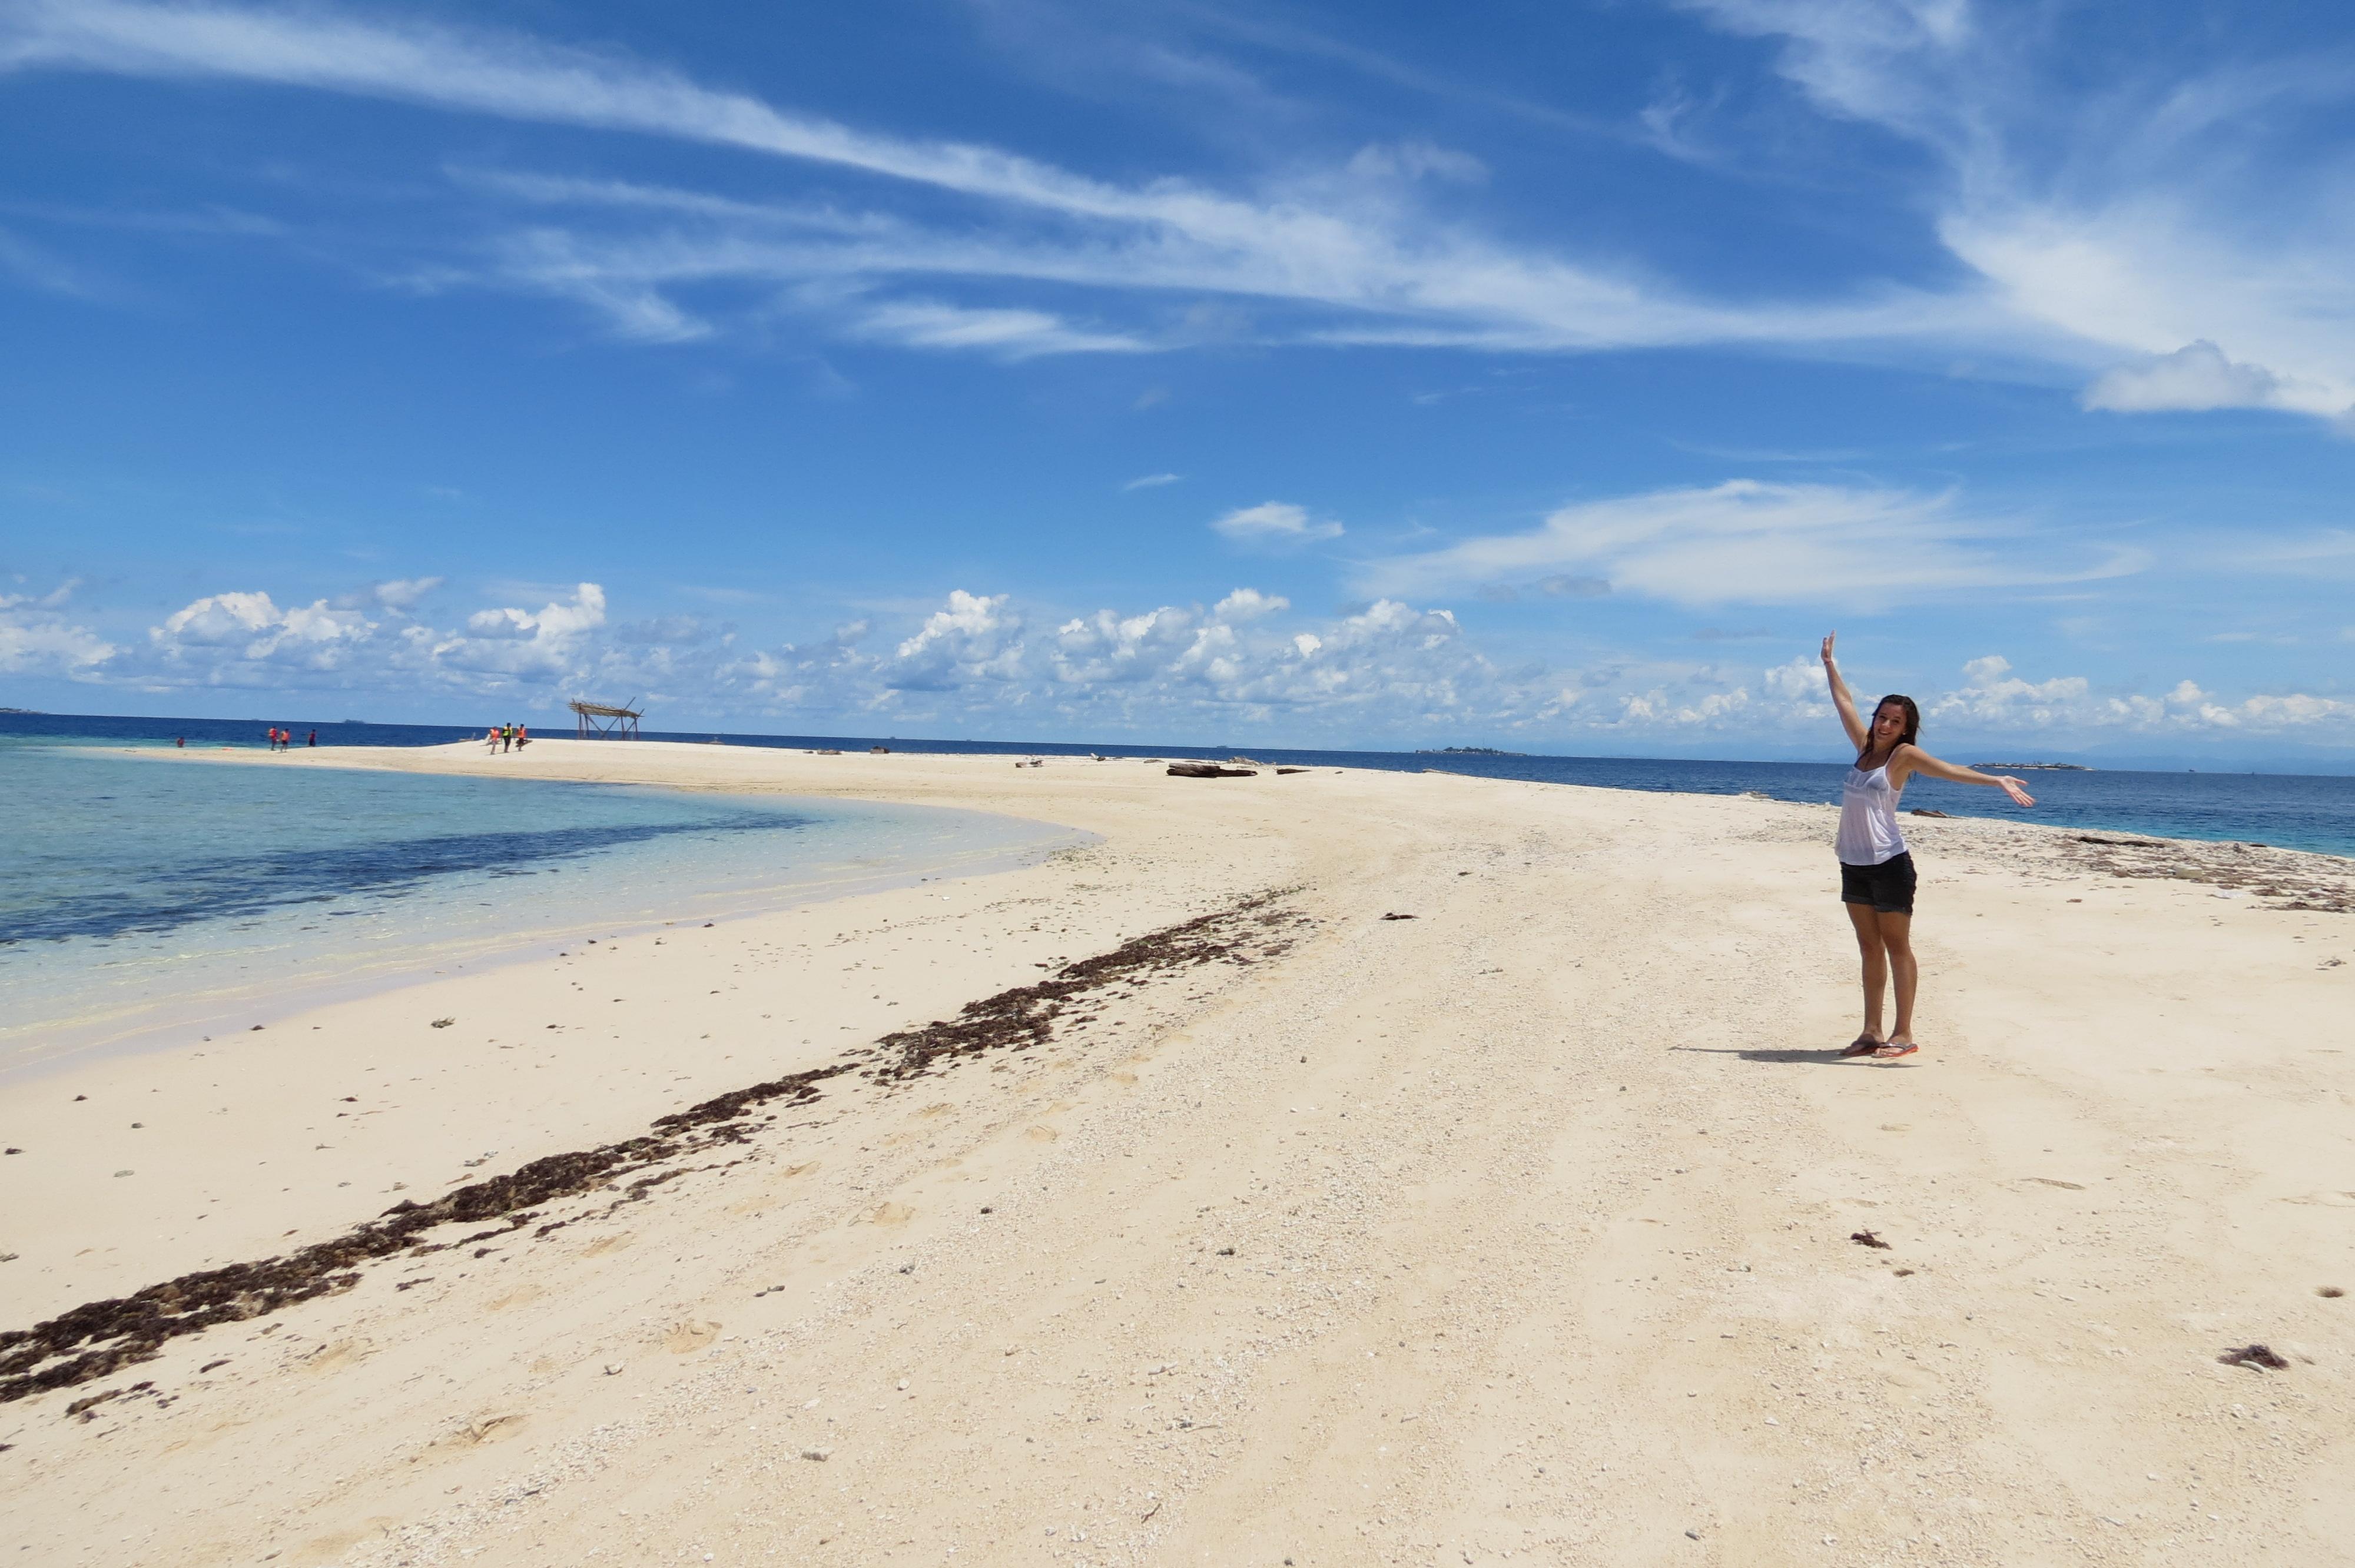 beach platja Makassar